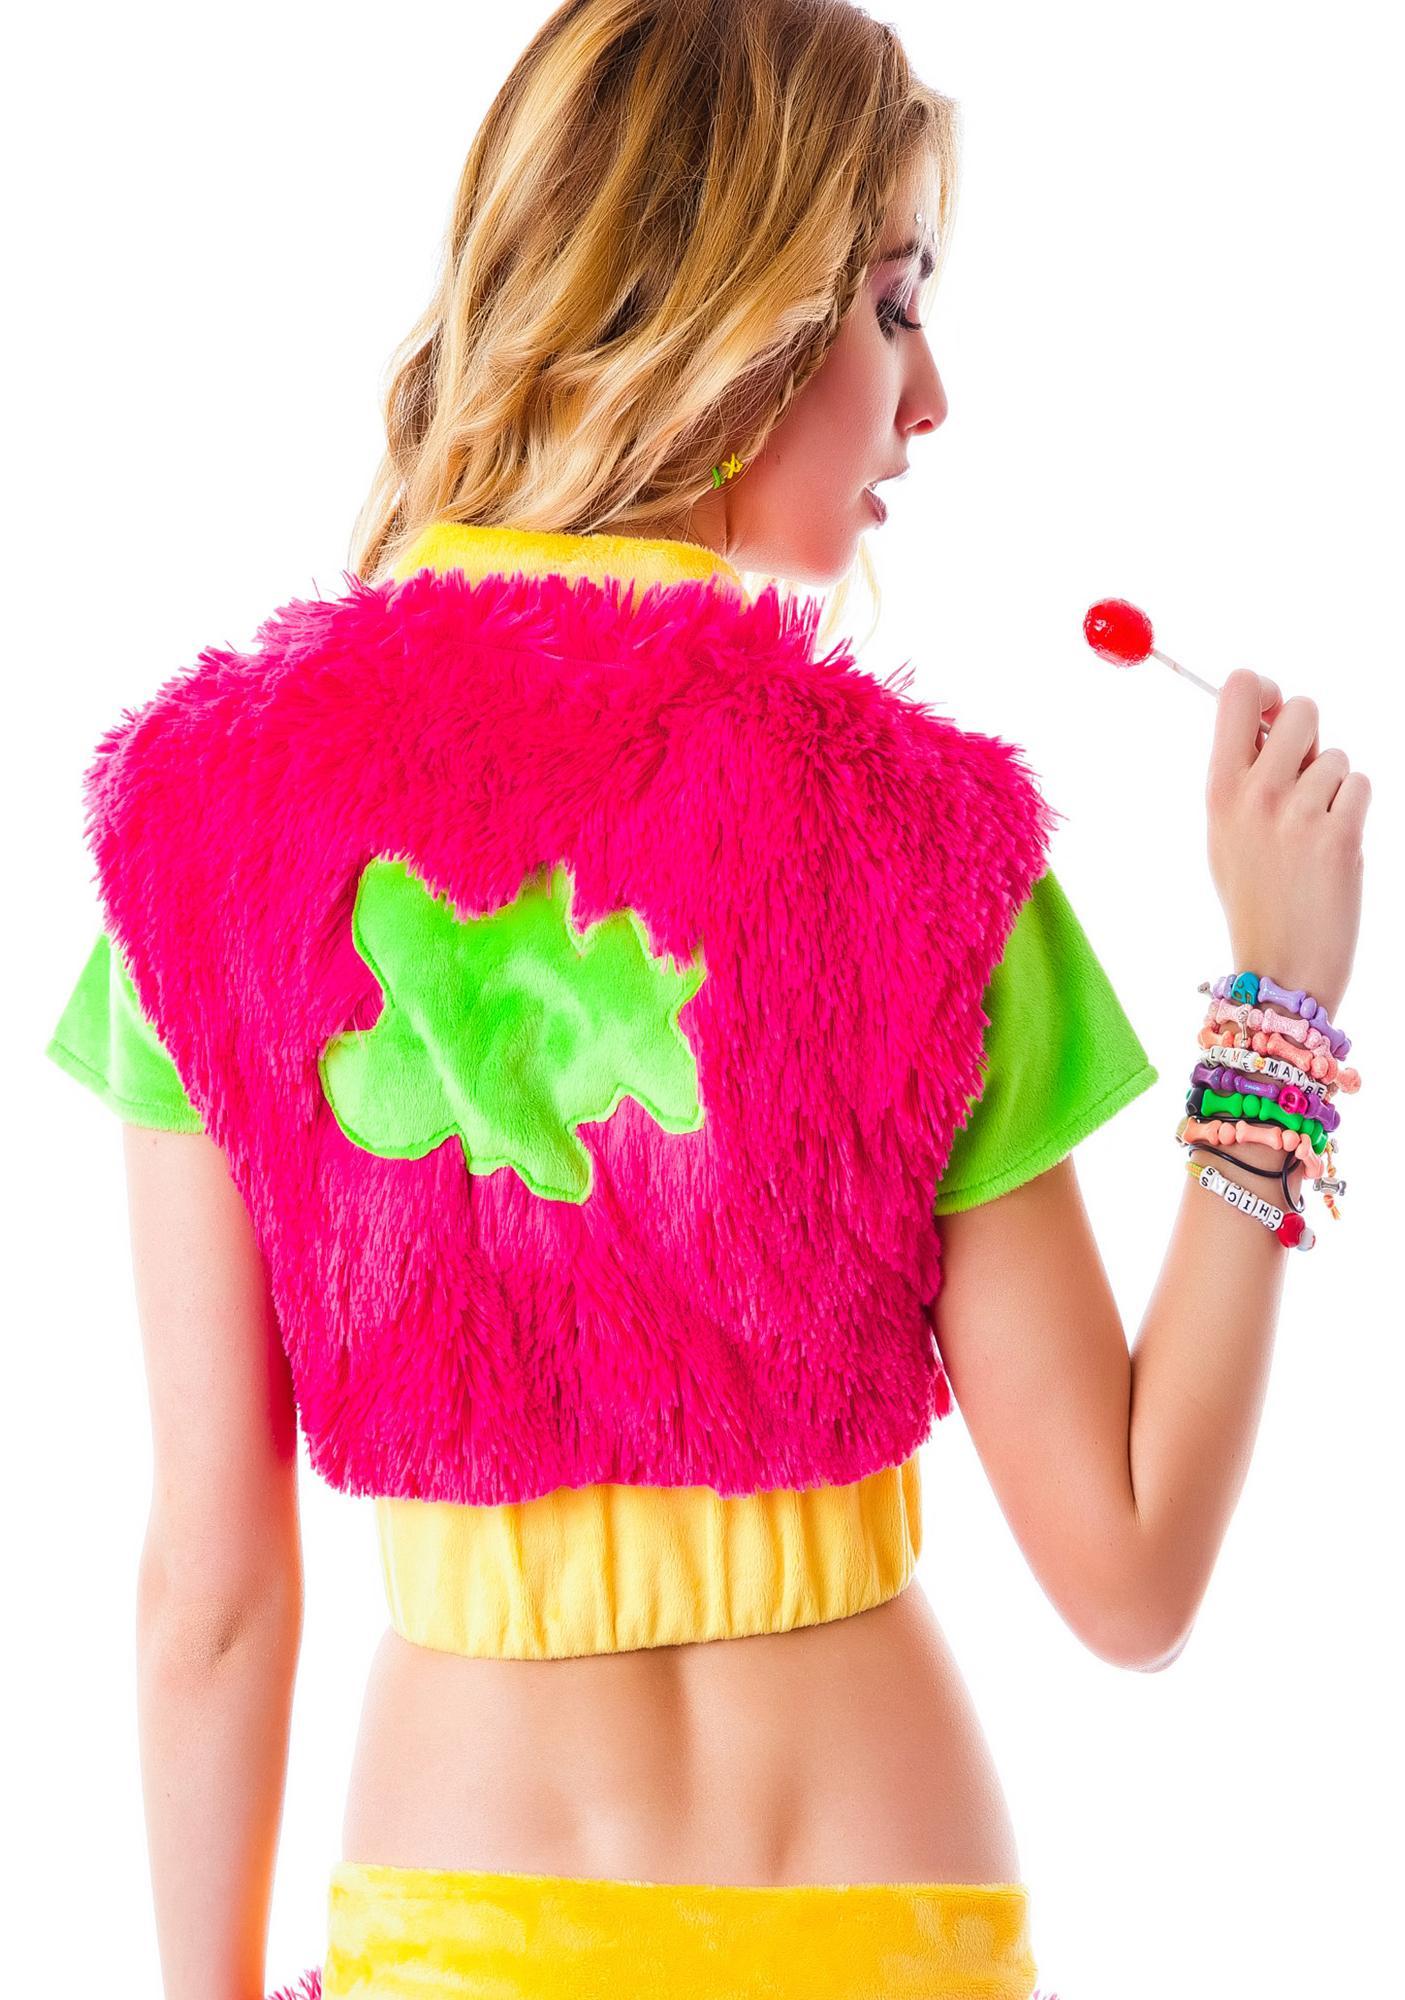 J Valentine I'm a Monster Jacket